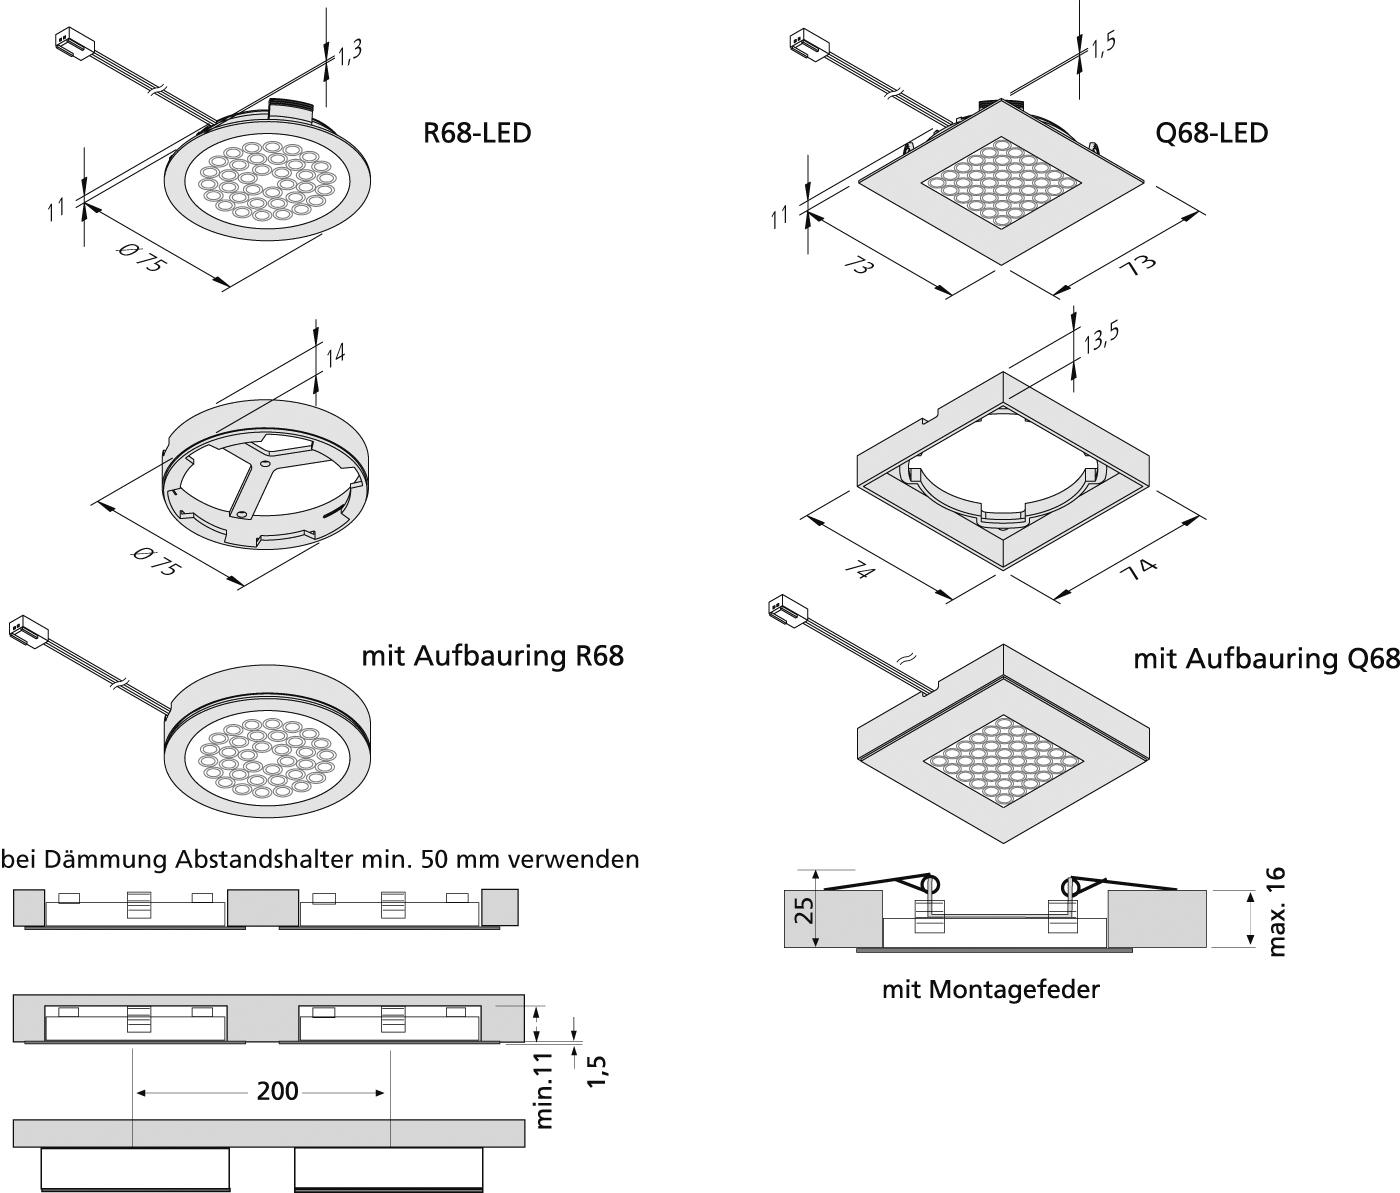 Vorschau: R68-LED-_-Q68-LED_de